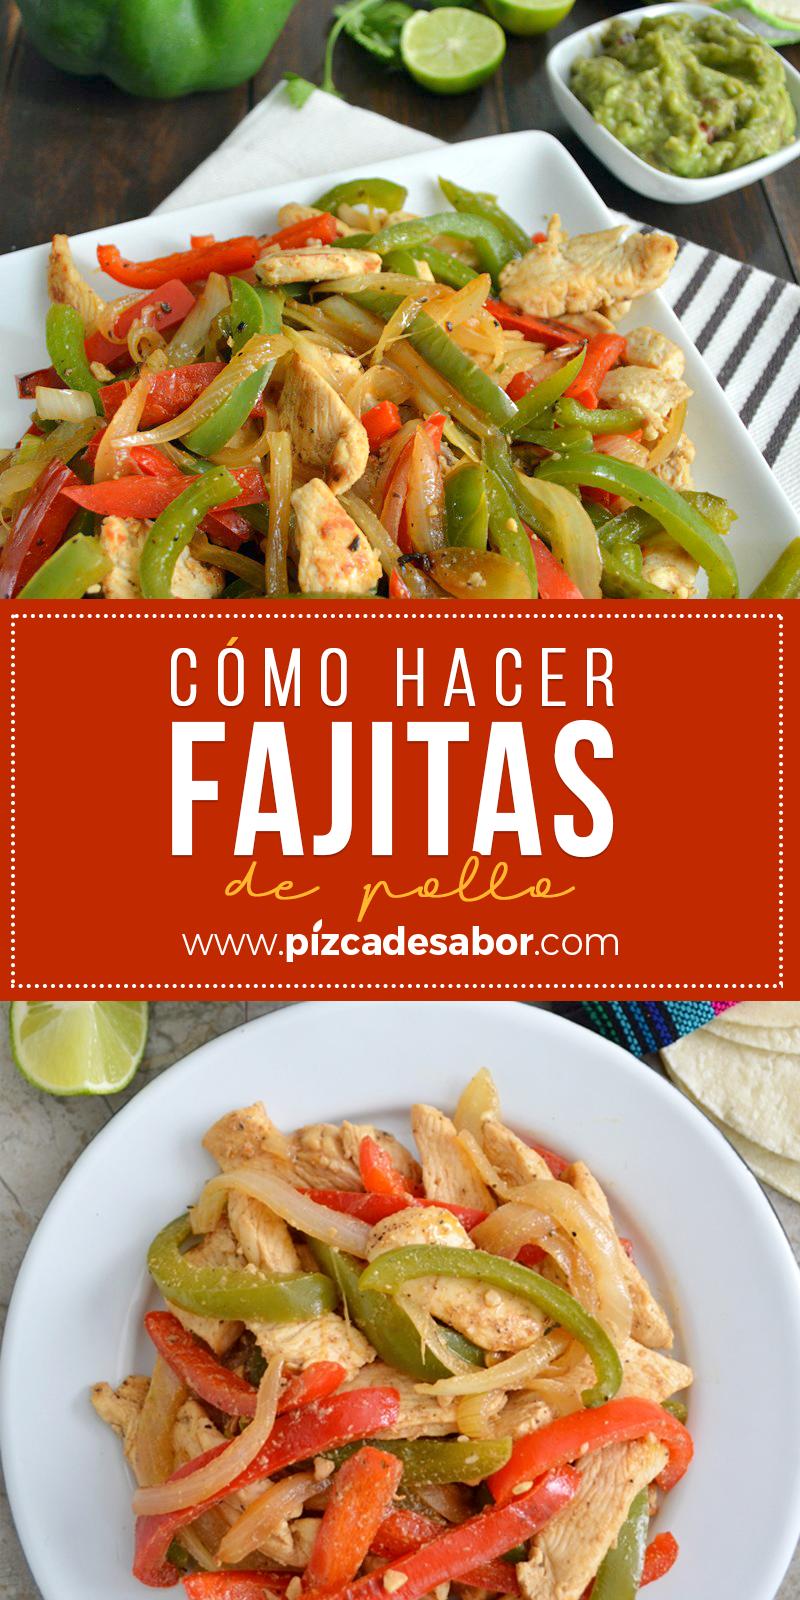 Cómo Hacer Fajitas De Pollo Fáciles Muy Deliciosas Receta Fajitas De Pollo Fajitas De Pollo Recetas Recetas De Pollo Mexicanas